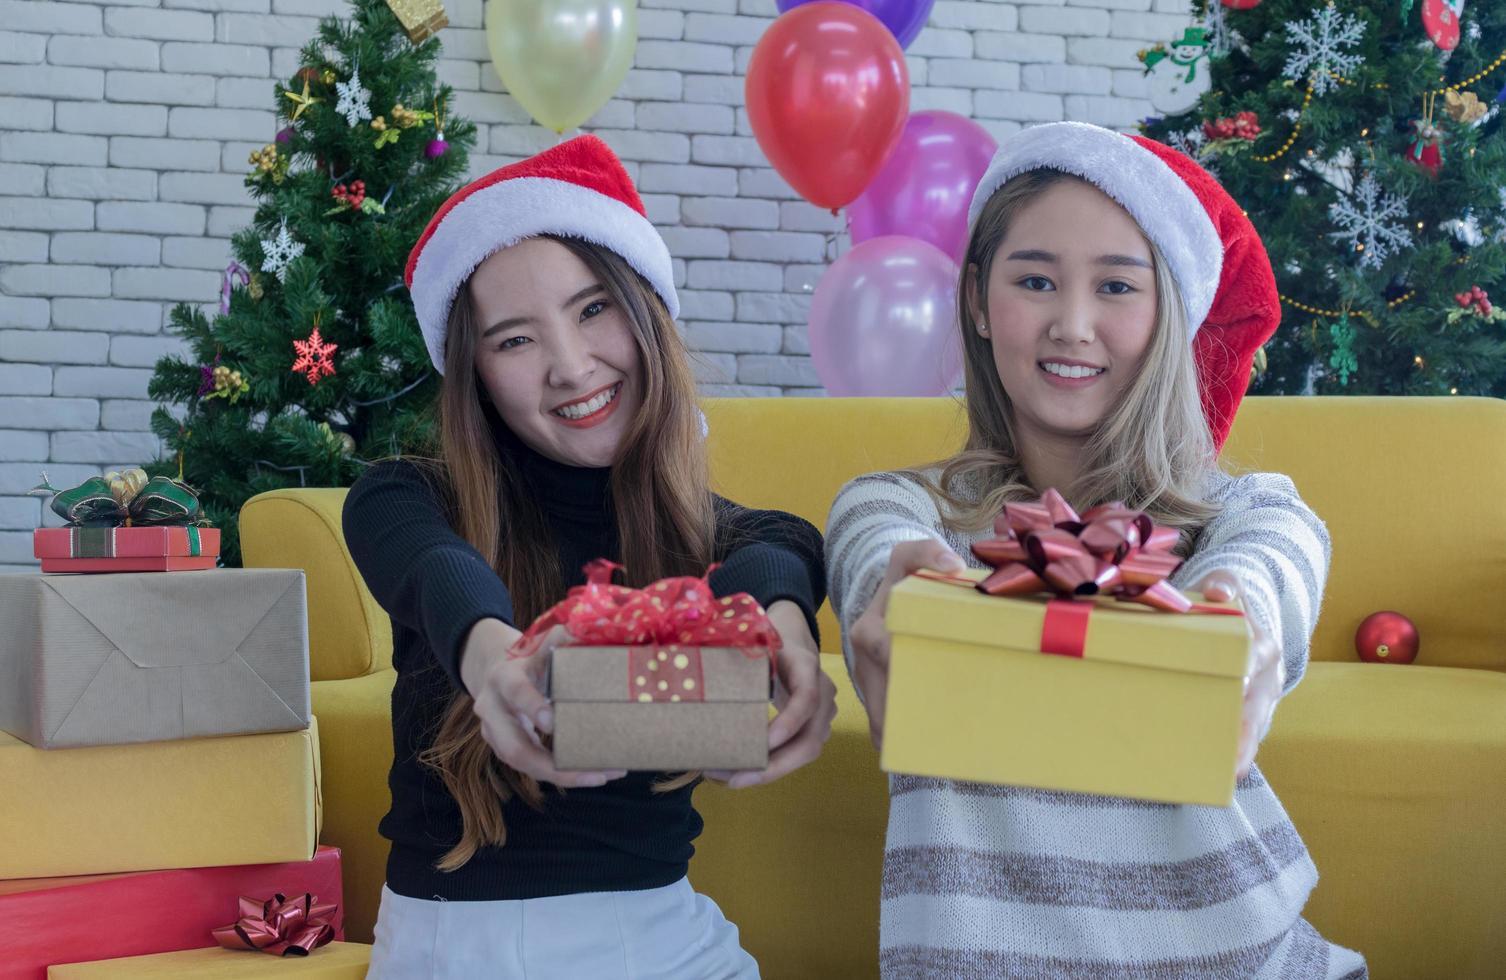 zwei Frauen halten Geschenke aus foto